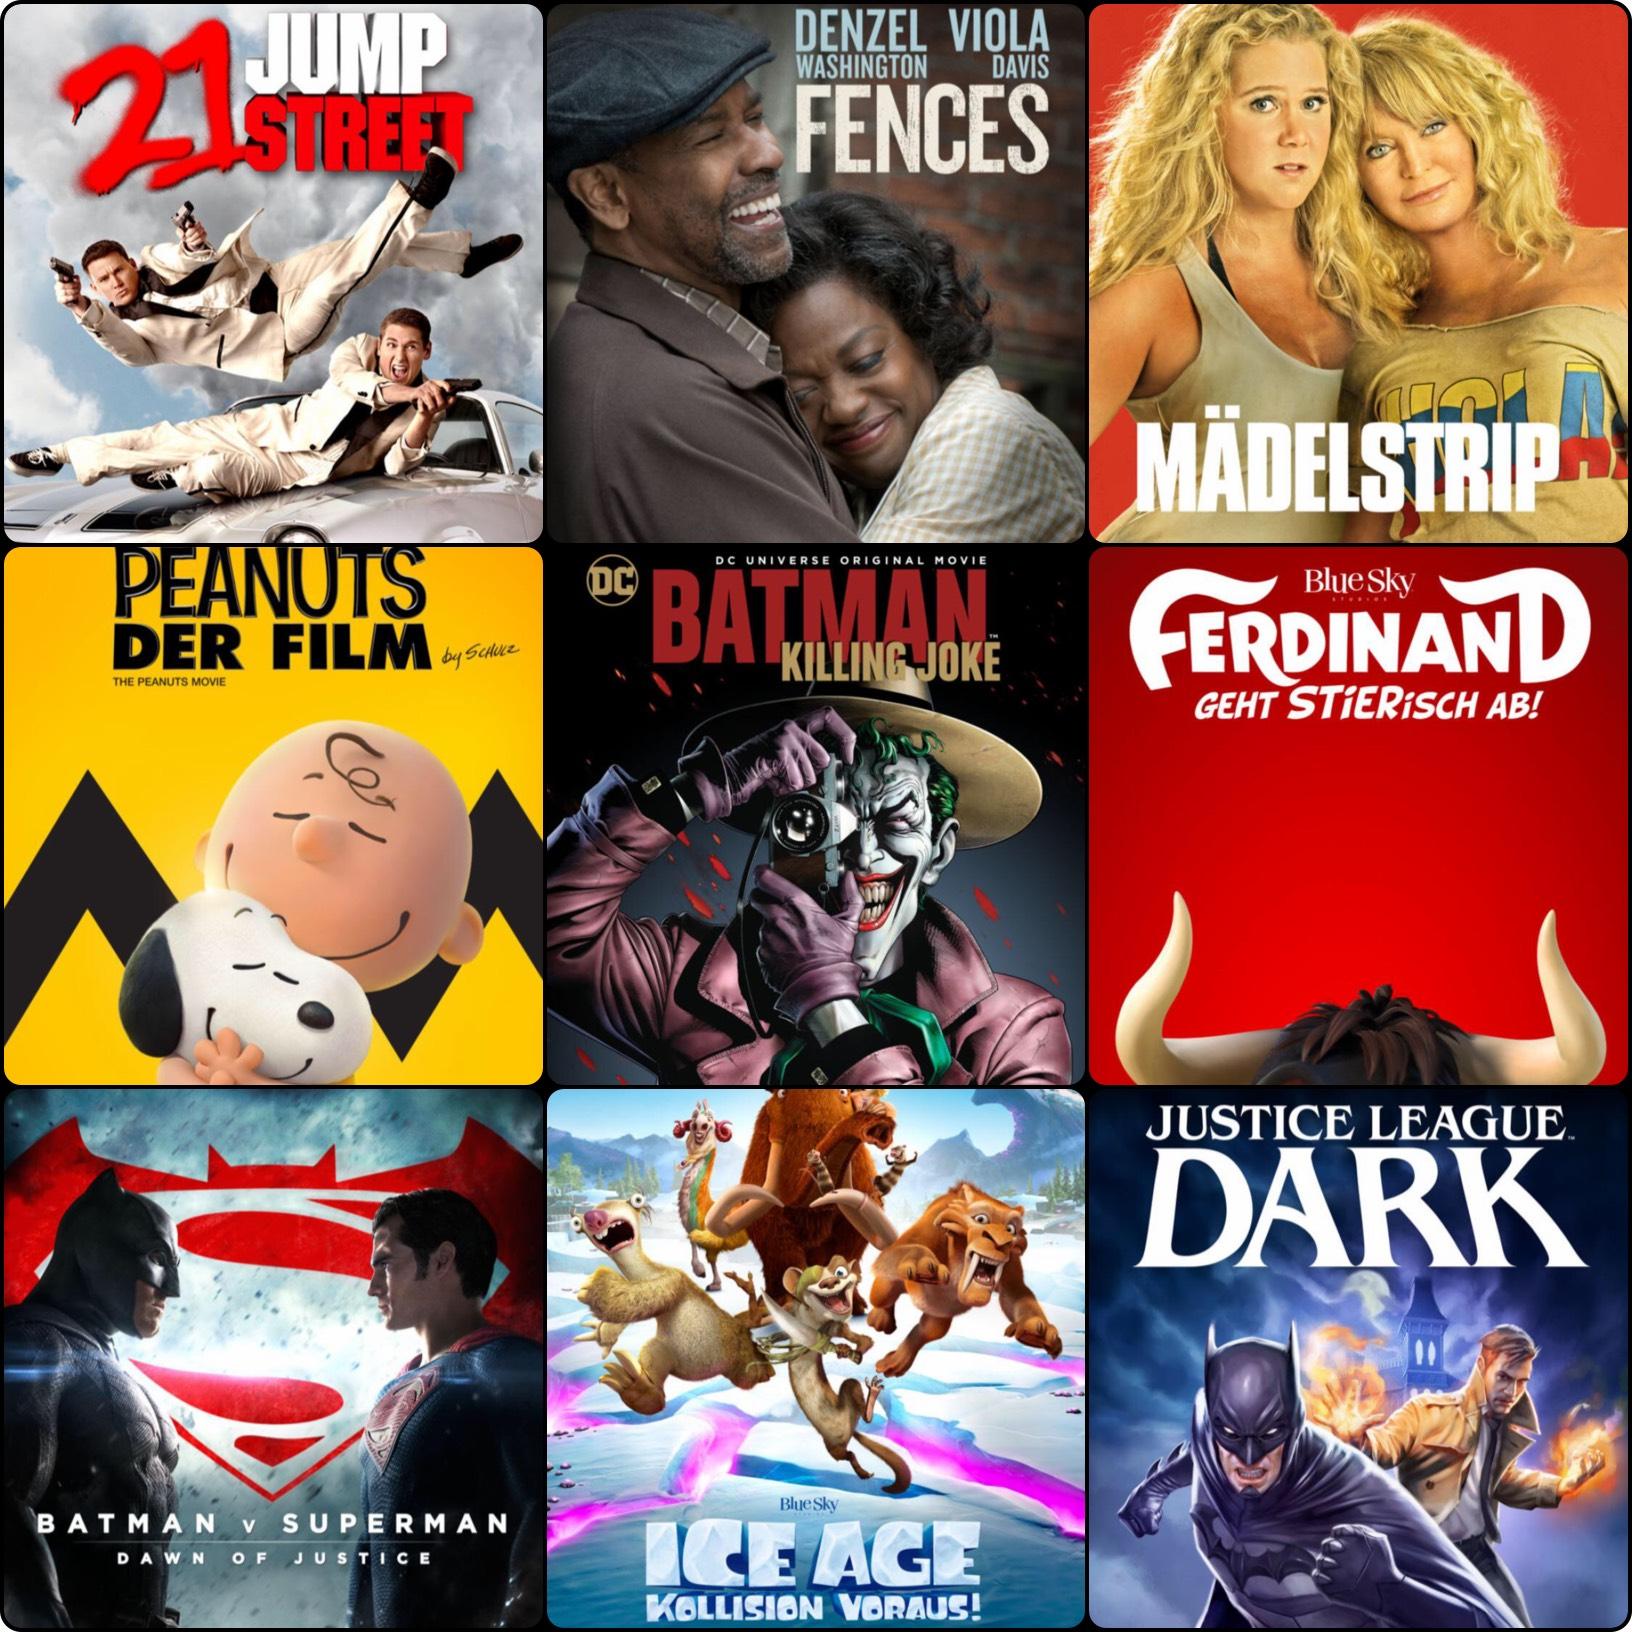 [Sammeldeal] 4K Dolby Vision und Atmos Filme bei iTunes für 3,99€ kaufen